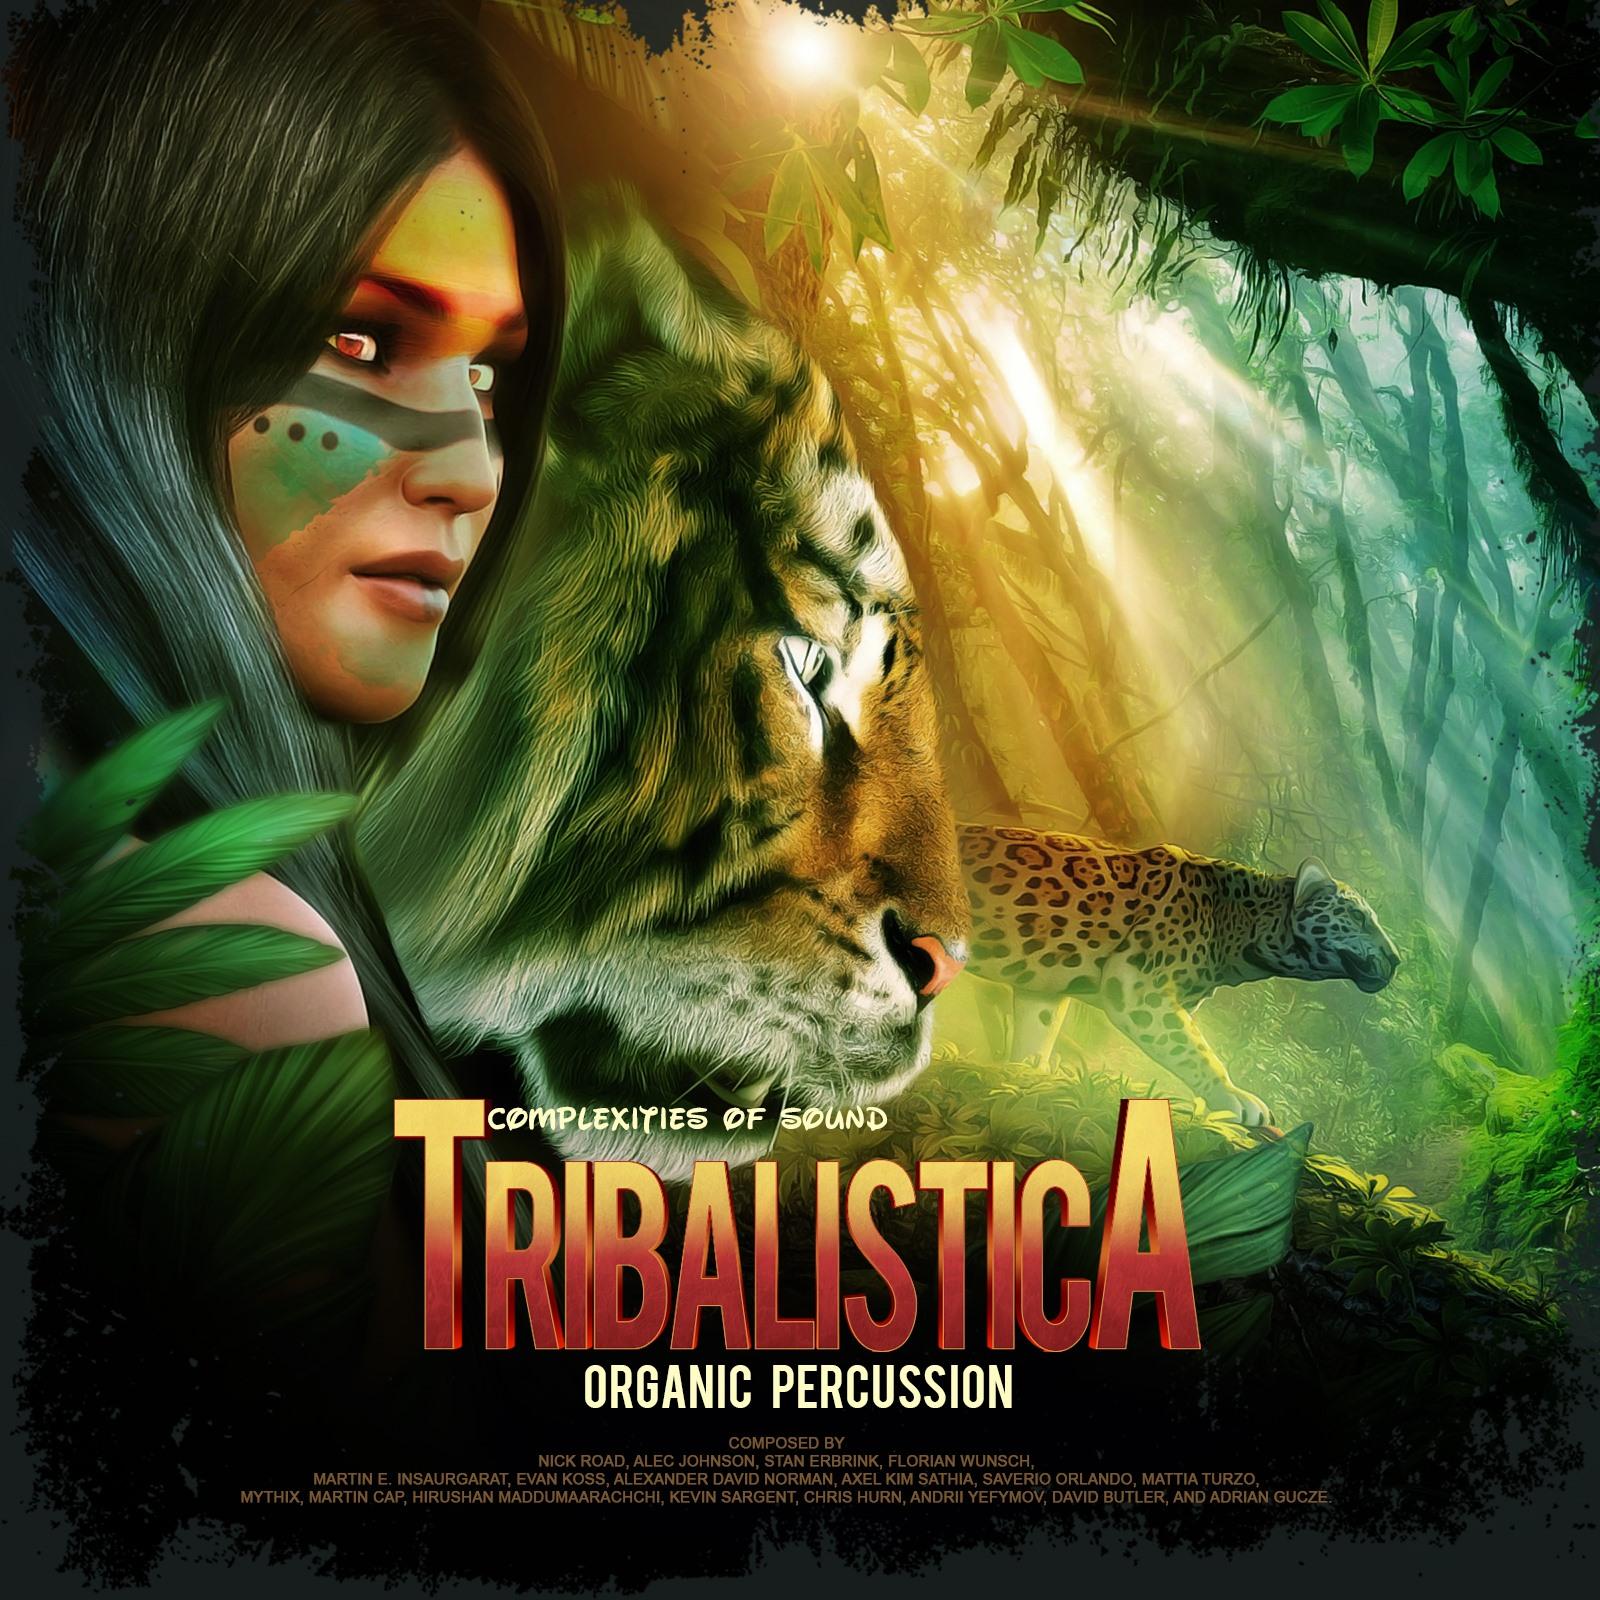 Tribalistica